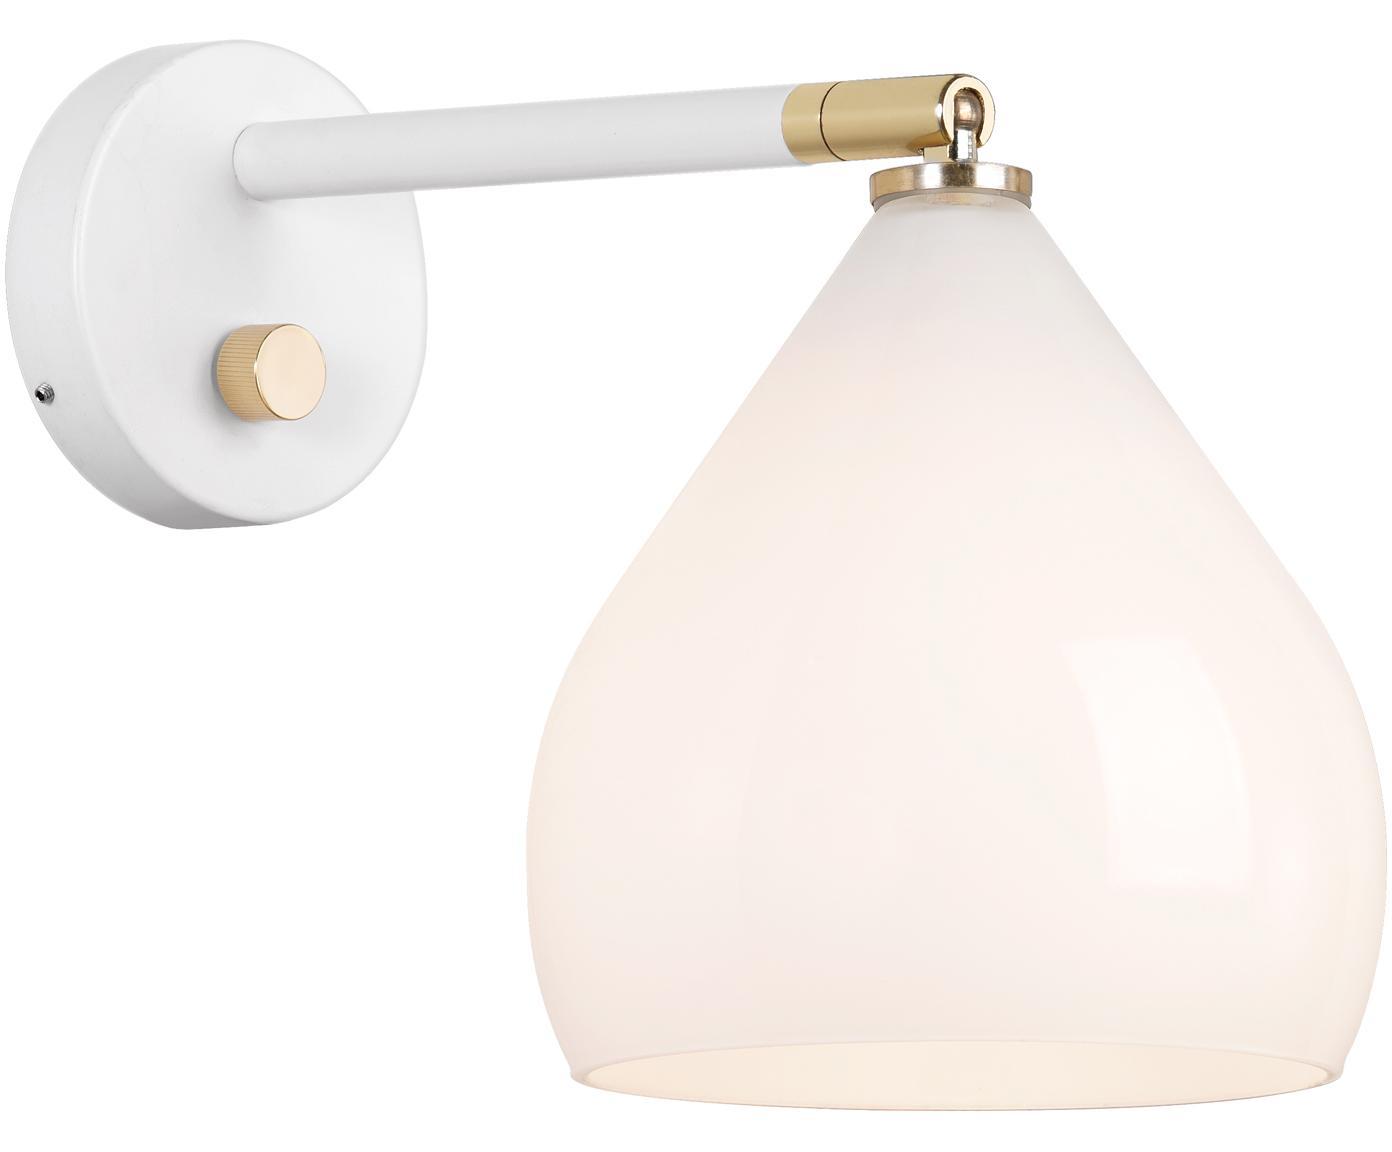 Wandlamp Sence met stekker, Lampenkap: opaalglas, Wit, messingkleurig, 17 x 21 cm